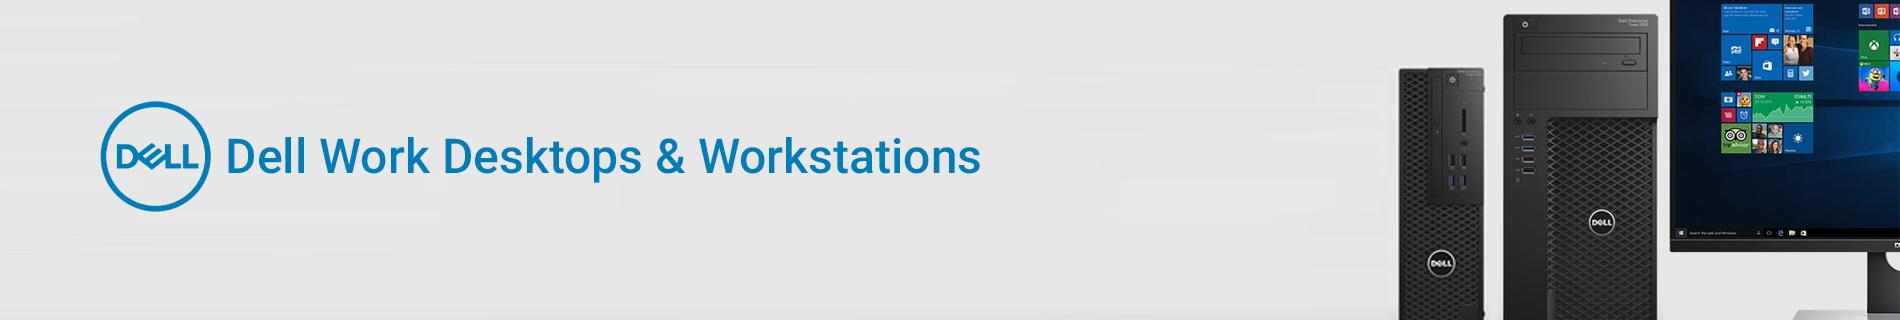 Dell Work Landing Page Revamp Dell For Work Desktops Banner